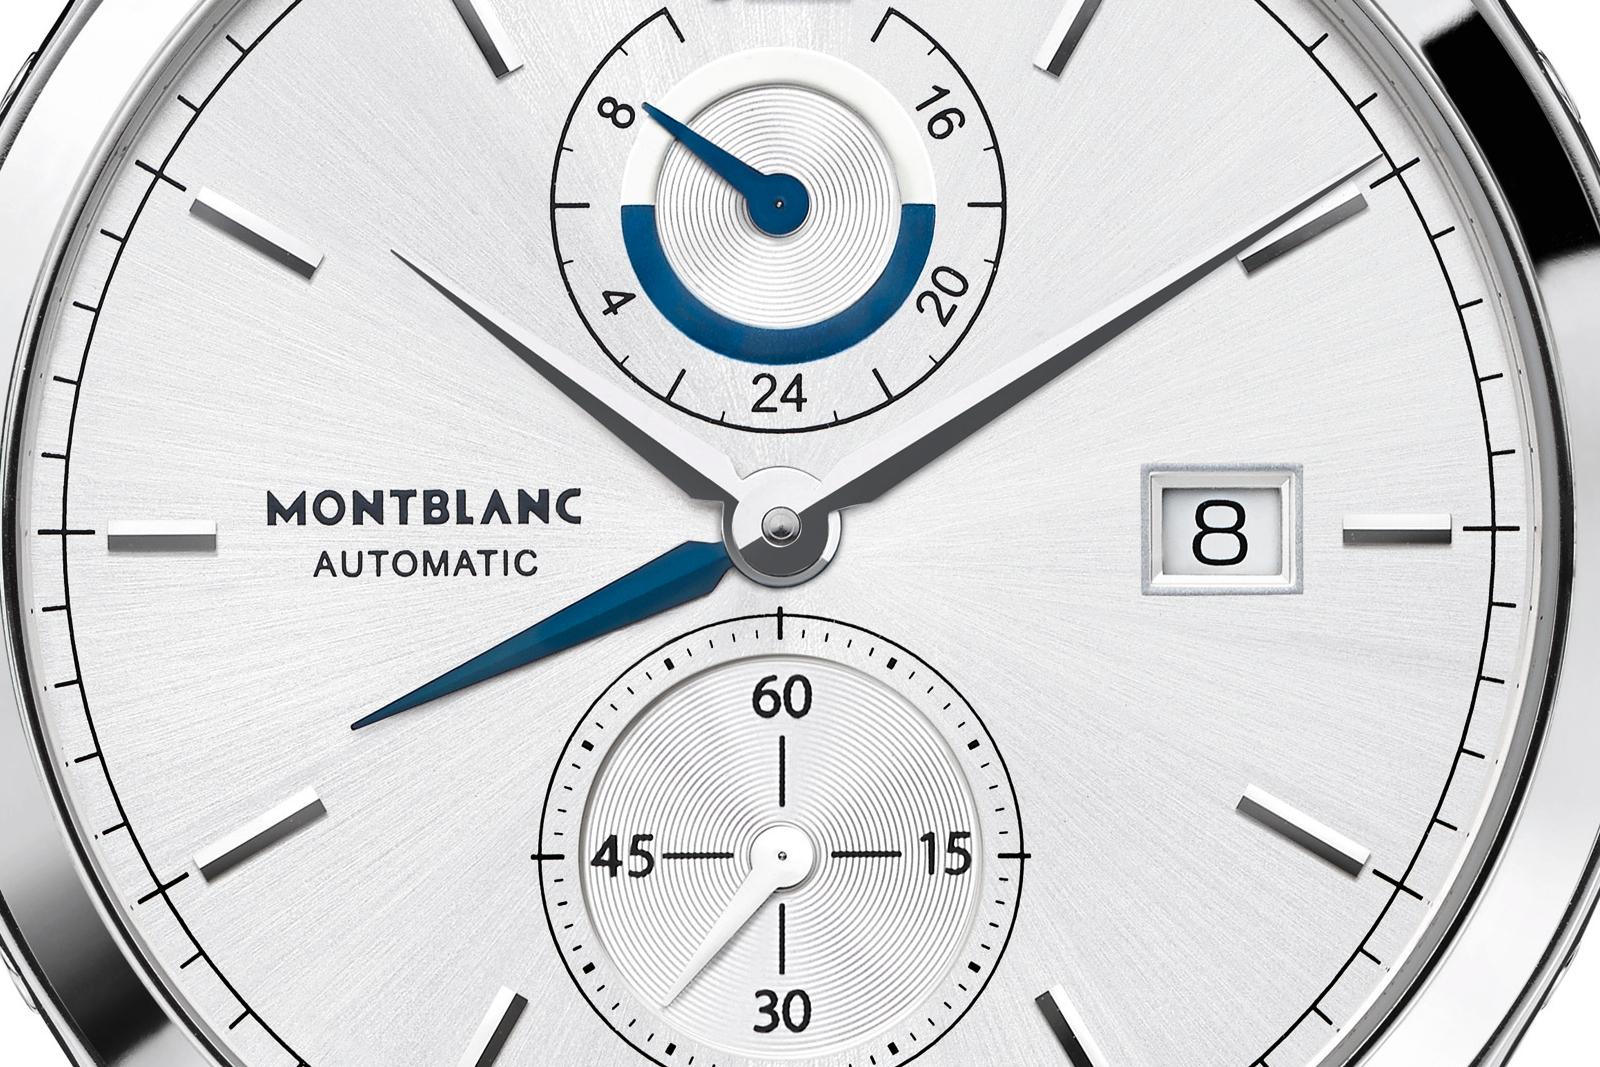 Montblanc Heritage Chronométrie Dual Time - 120 тысяч гривен